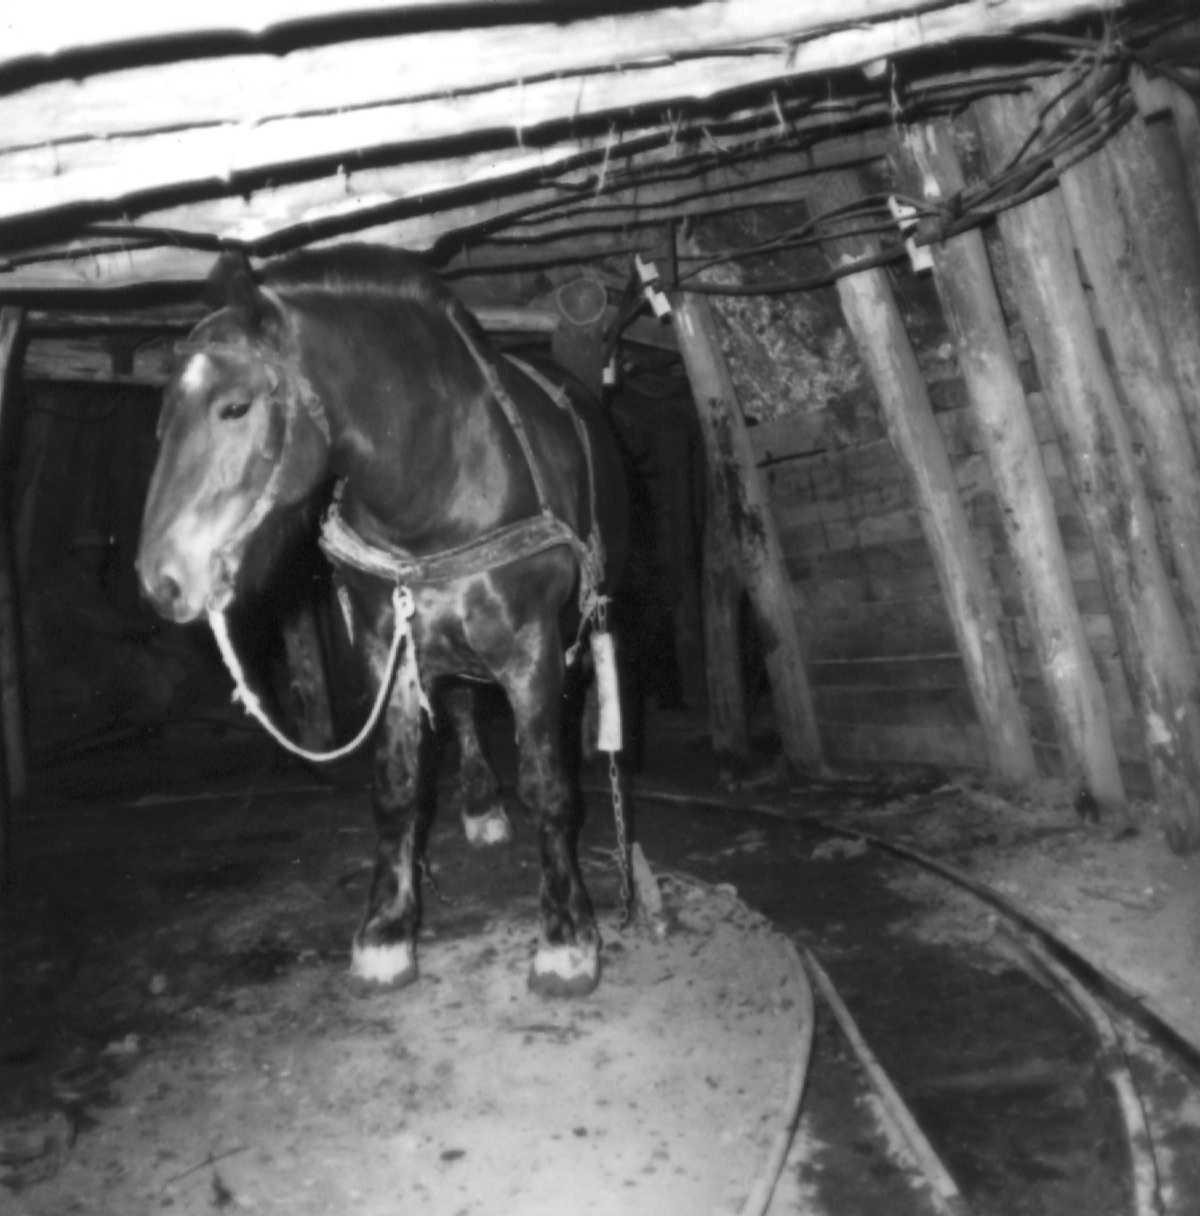 Ő ismerte a legközelebbről:  A Csillag nevű  bányaló a Lahóca üzemben, ahol a réz, arany ezüst ércek bányászata 1979-ig folyt.